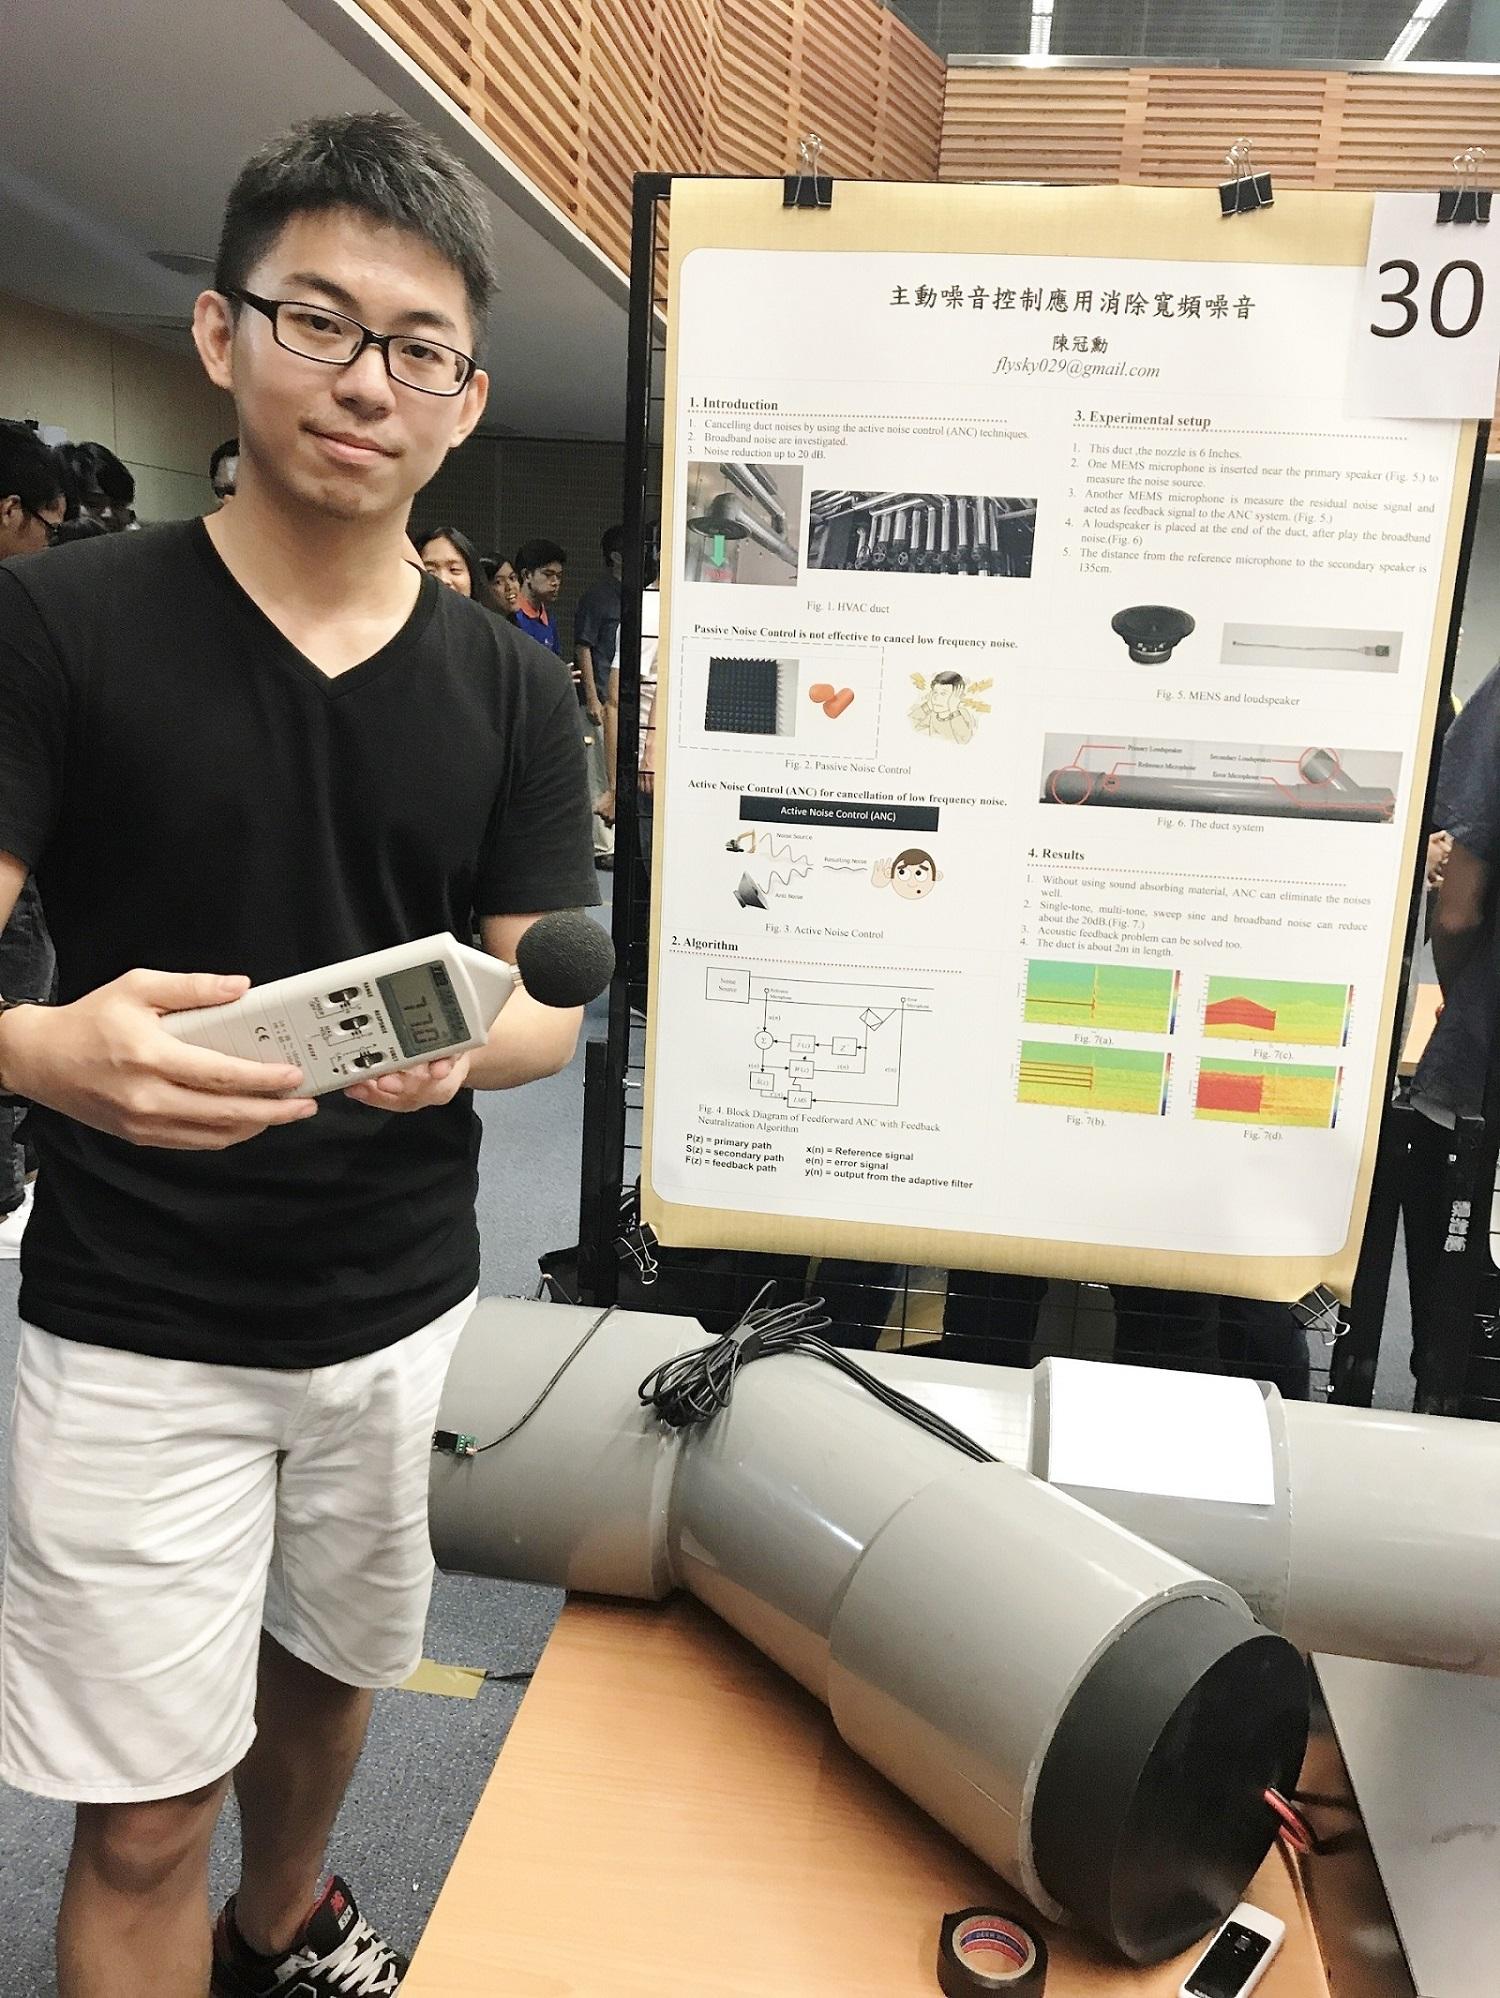 通稿照片3-全國最大電機工程創新競賽在中原-獲得第一名的中原電機研究生陳冠勳,參賽主題為「主動噪音控制應用消除寬頻噪音」為環境保護盡力.JPG